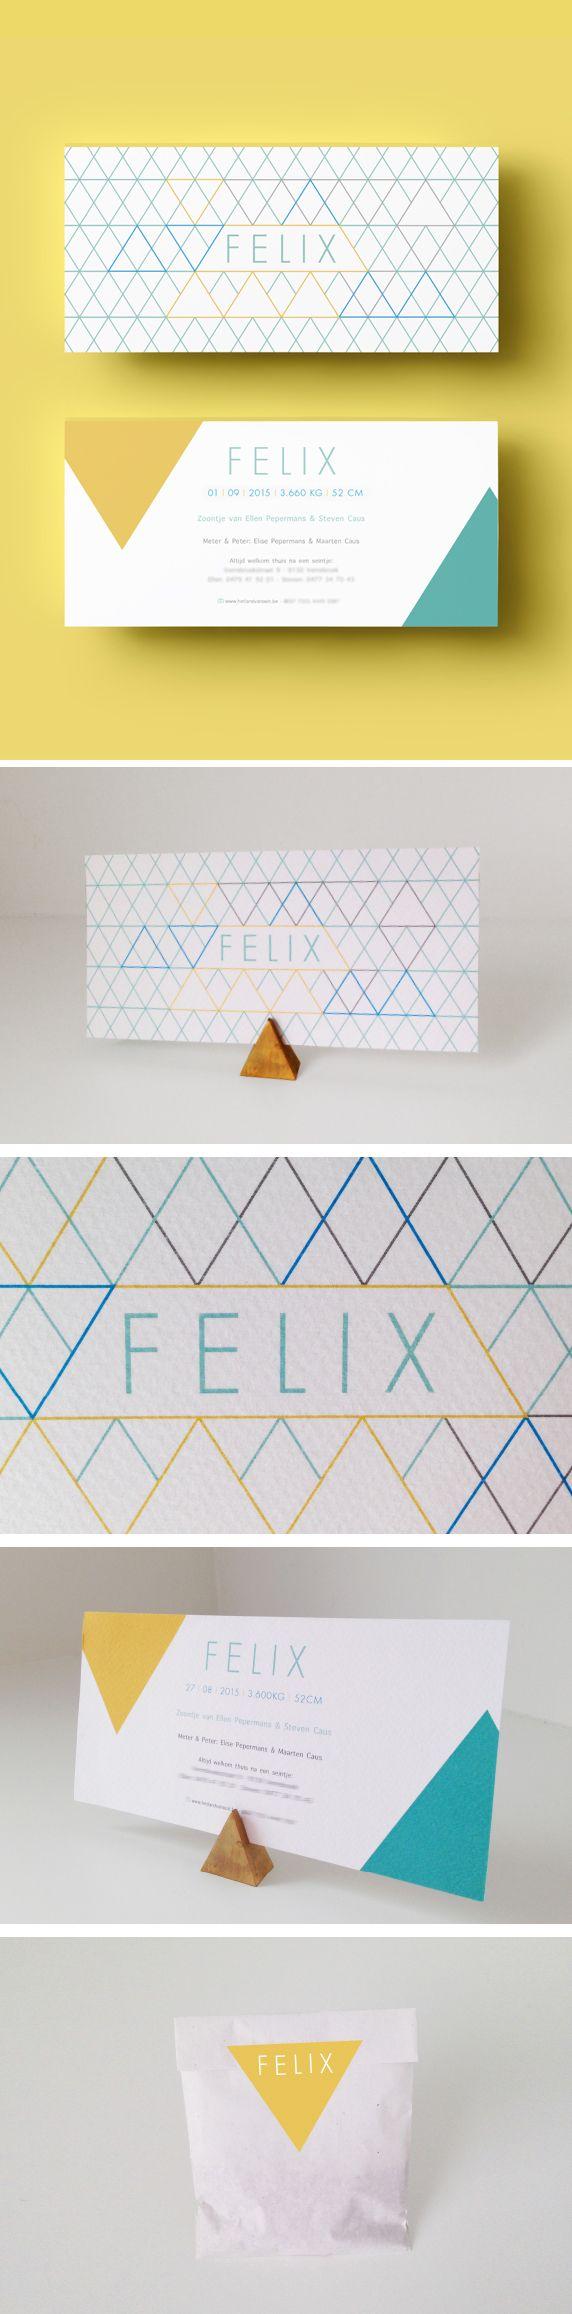 Ontwerp geboortekaartje Felix